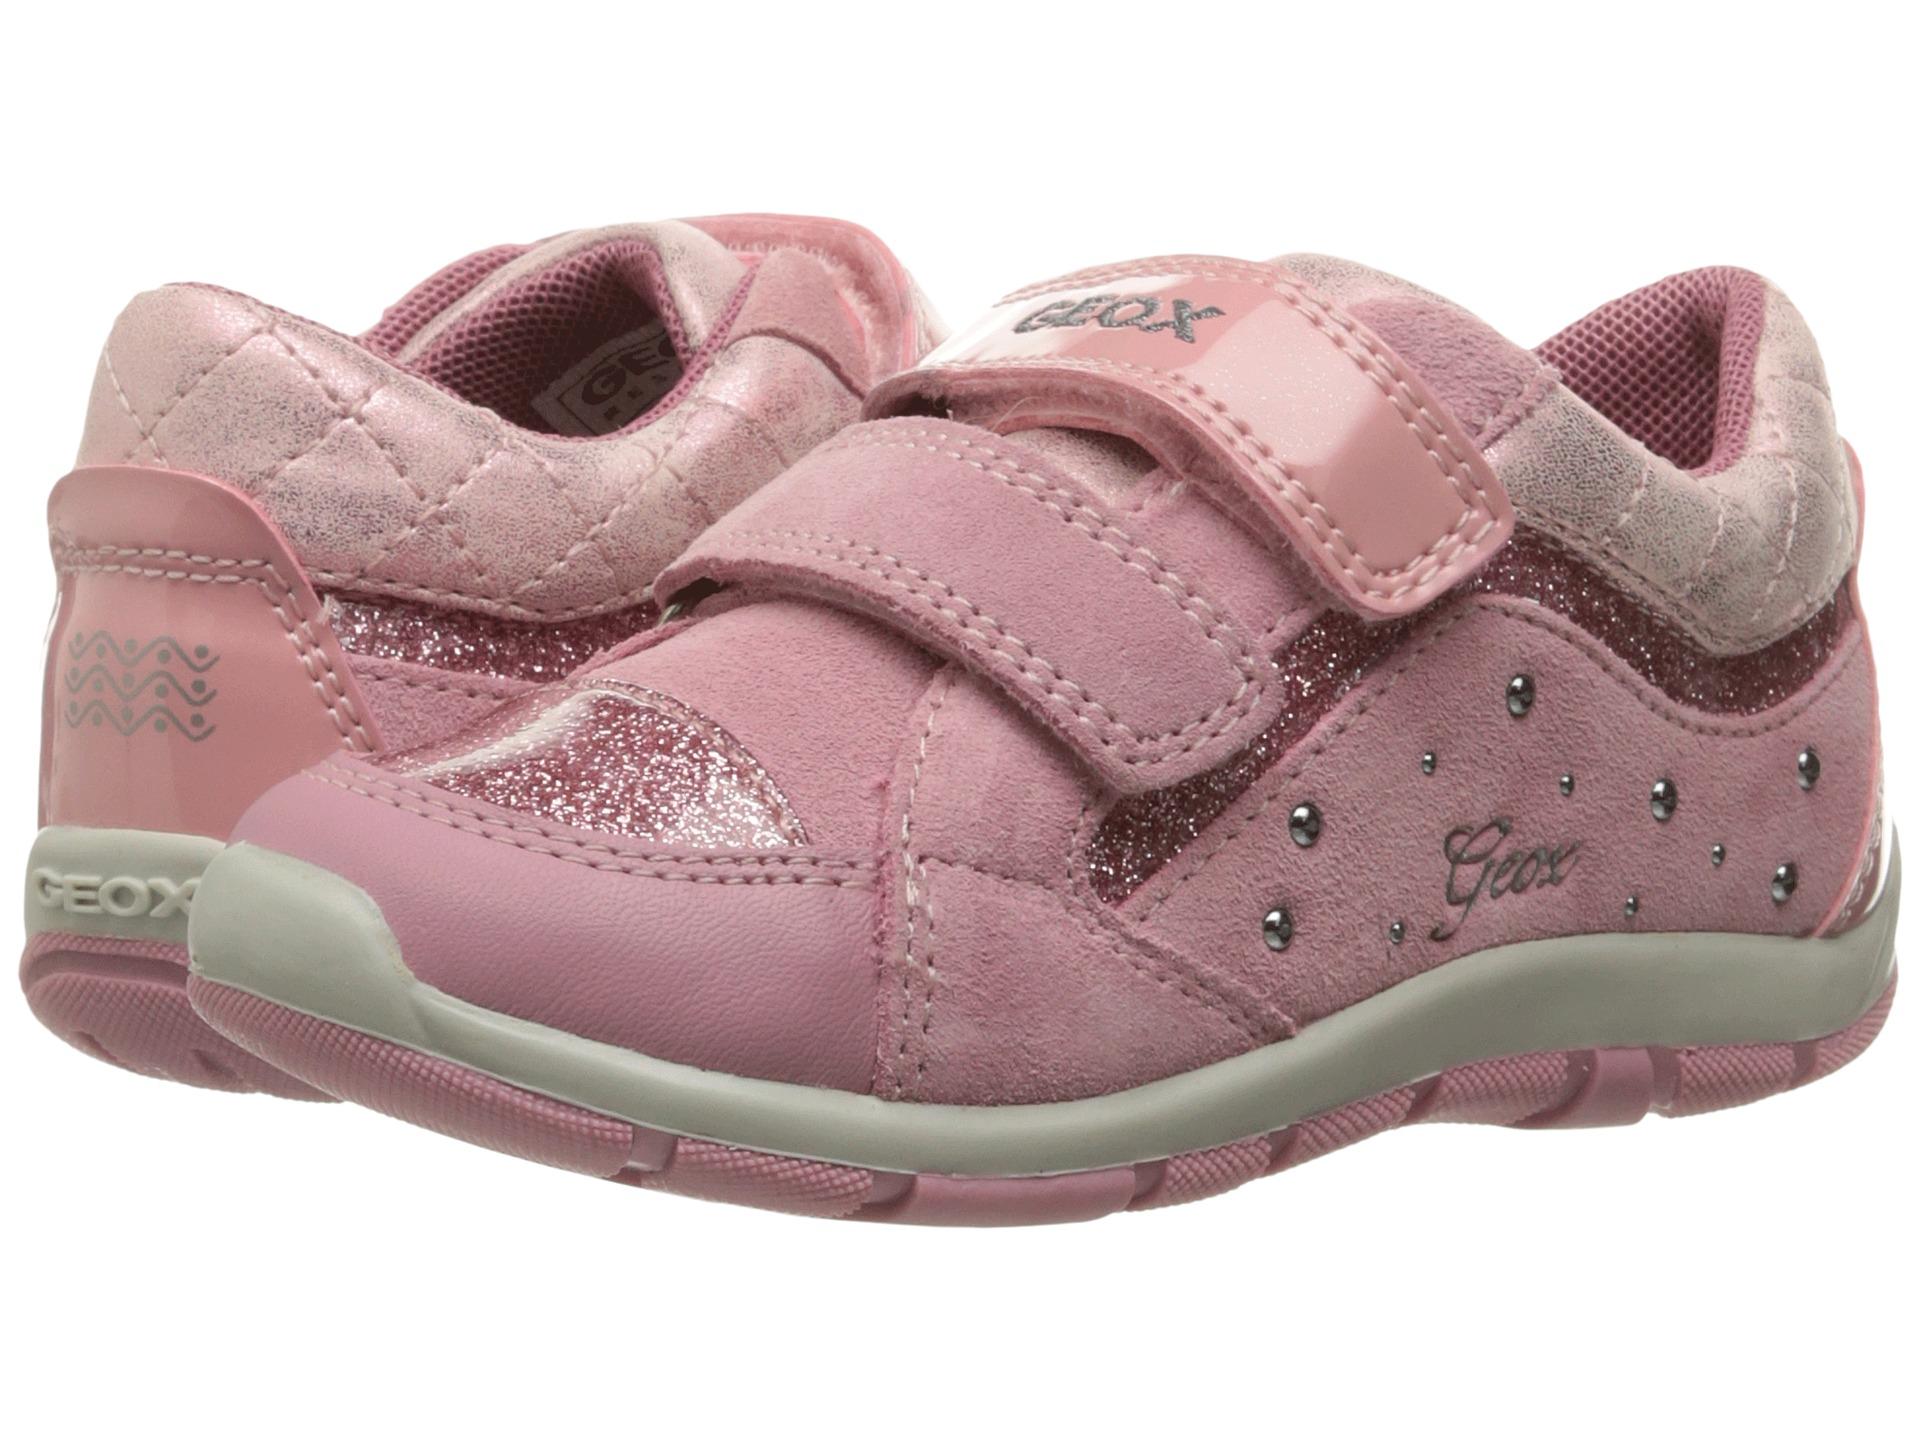 Geox Kids Baby Shaax Girl 14 Toddler Dark Pink Zappos